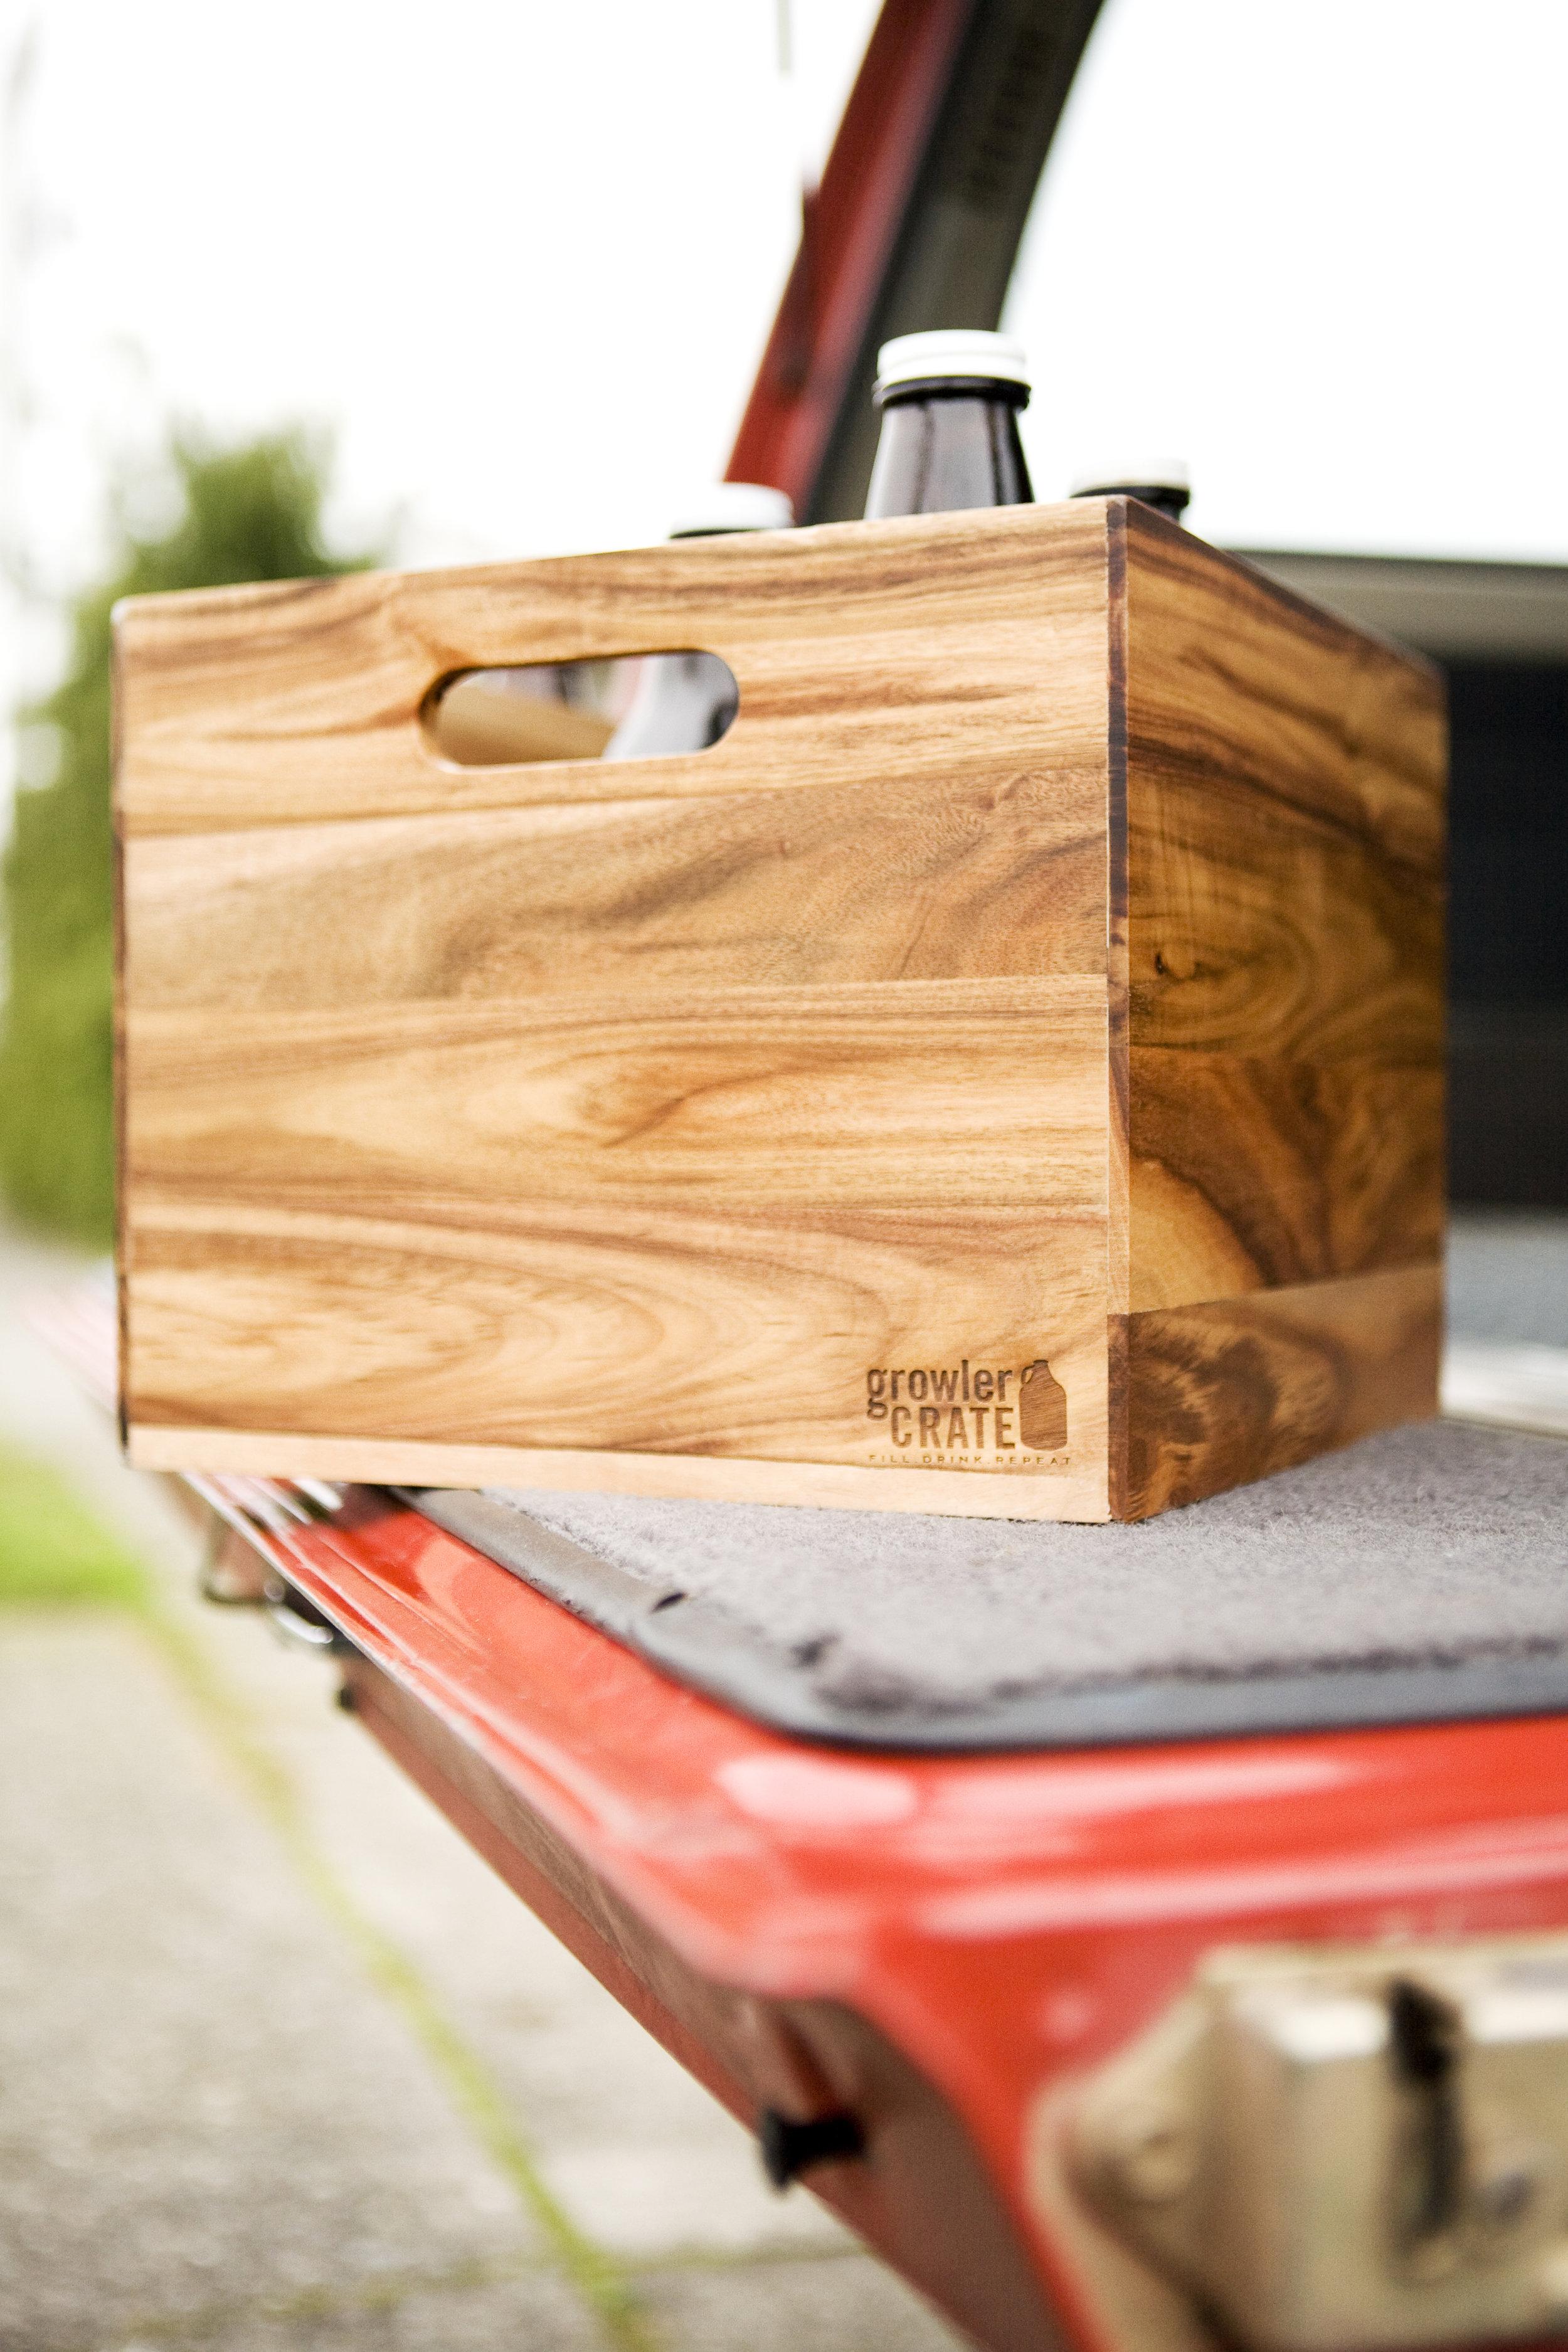 growler crate. seattle, wa